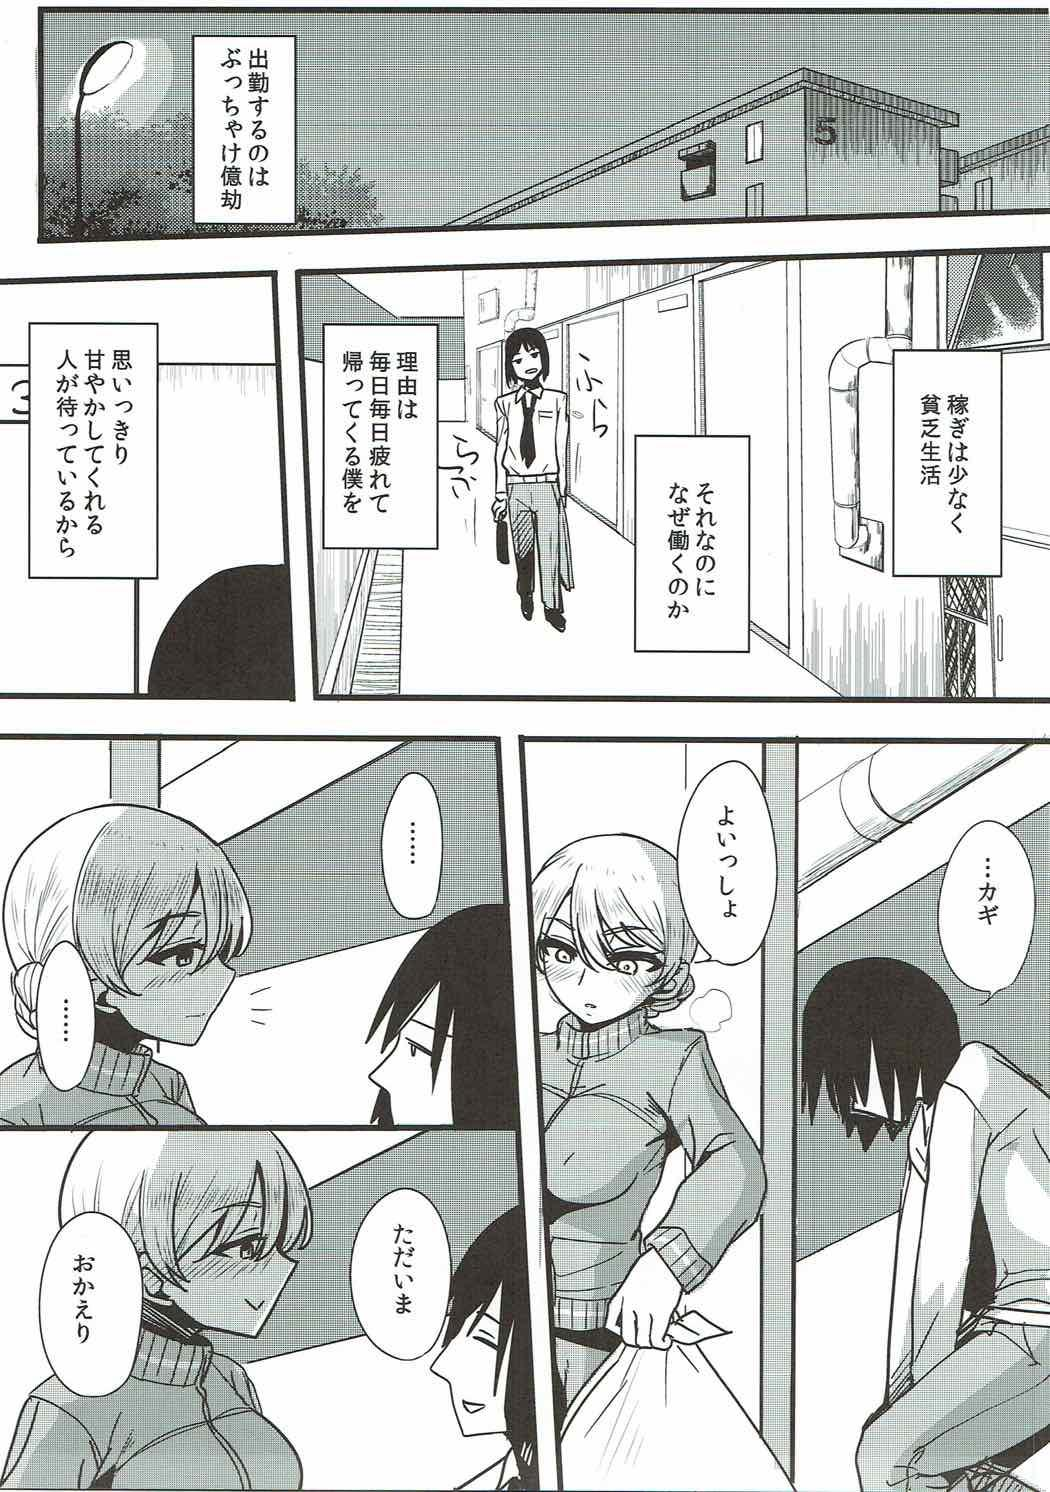 (C92) [Hanao Shouke (Yanase Kotatsu)] Oku-sama wa Dar-sama (Girls und Panzer) 1